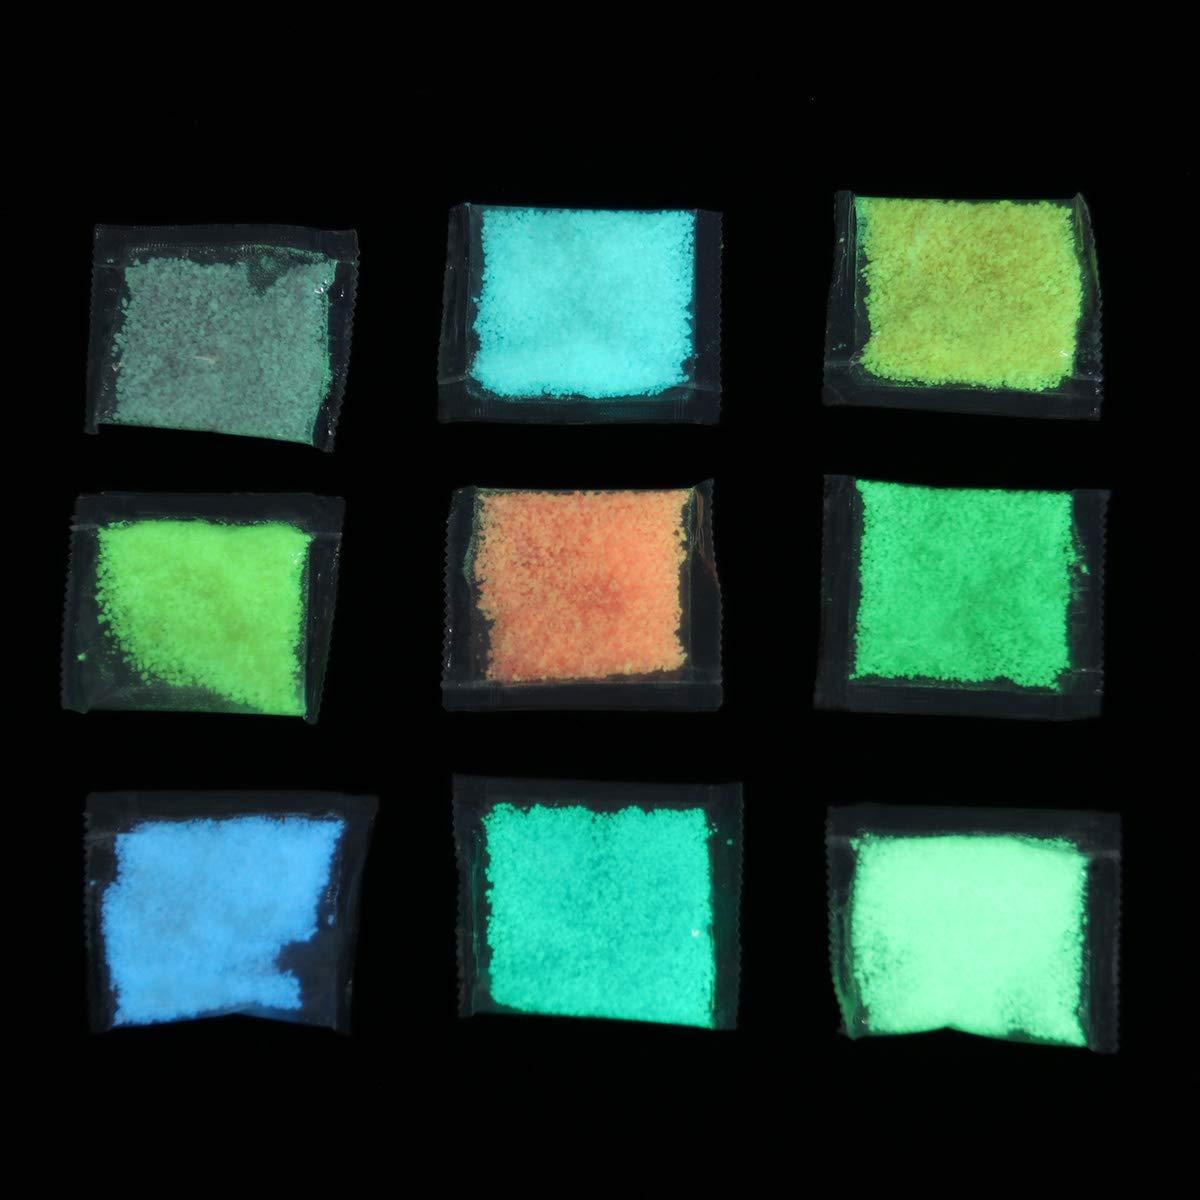 Arena para el Acuario de Tanques de Peces Brillo Luminoso en Polvo Brillo Fino POPETPOP 9 Paquetes de Polvo de Fluorescencia